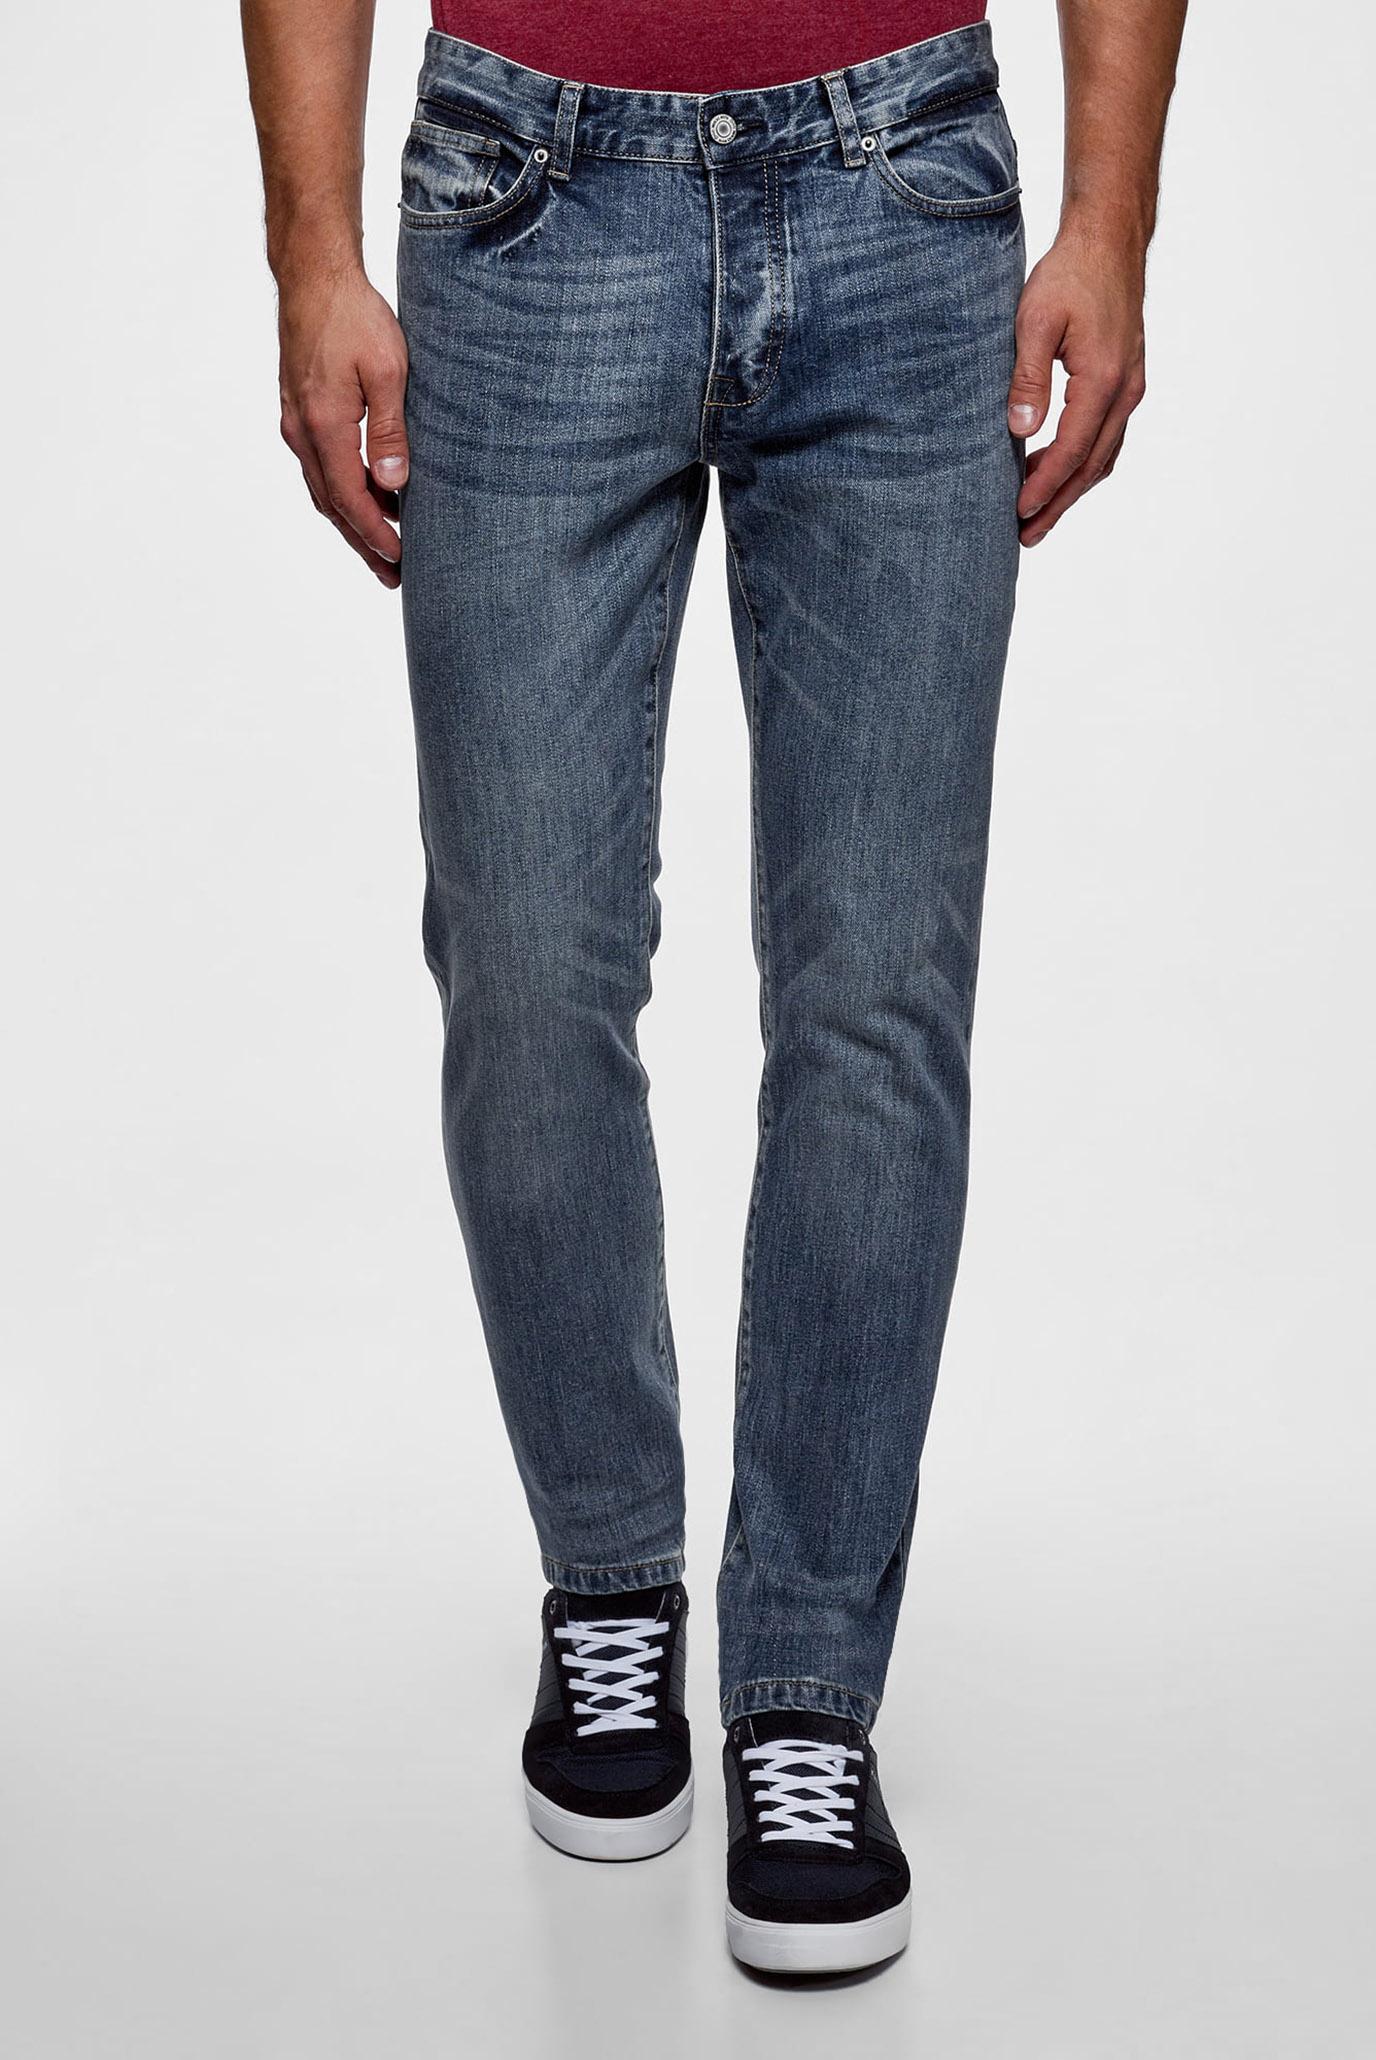 Купить Мужские синие джинсы Oodji Oodji 6B120039M/45068/7400W – Киев, Украина. Цены в интернет магазине MD Fashion